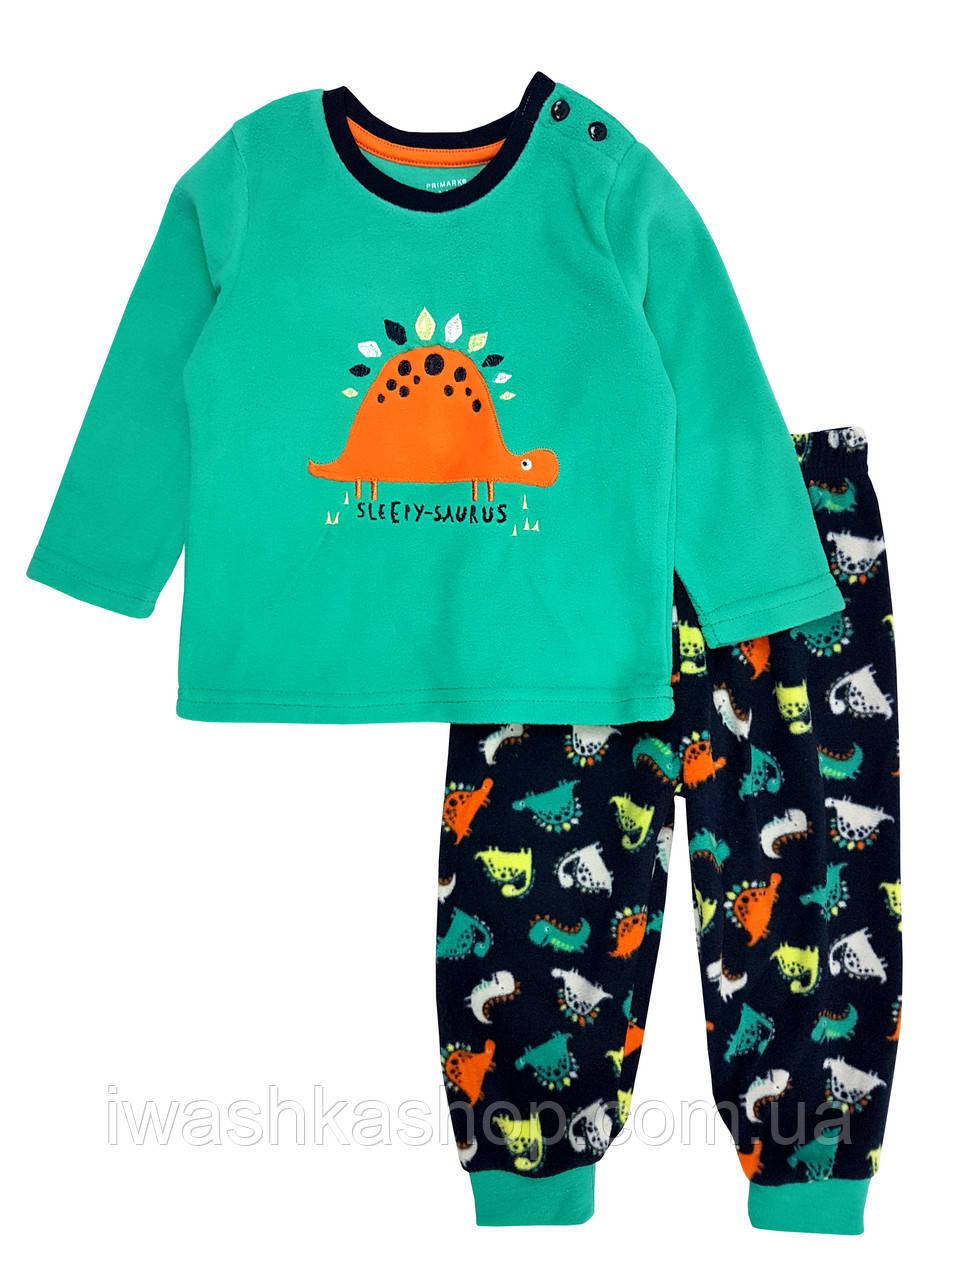 Теплая флисовая пижама с динозавром на мальчика 1 - 1,5 года, р. 86, Primark